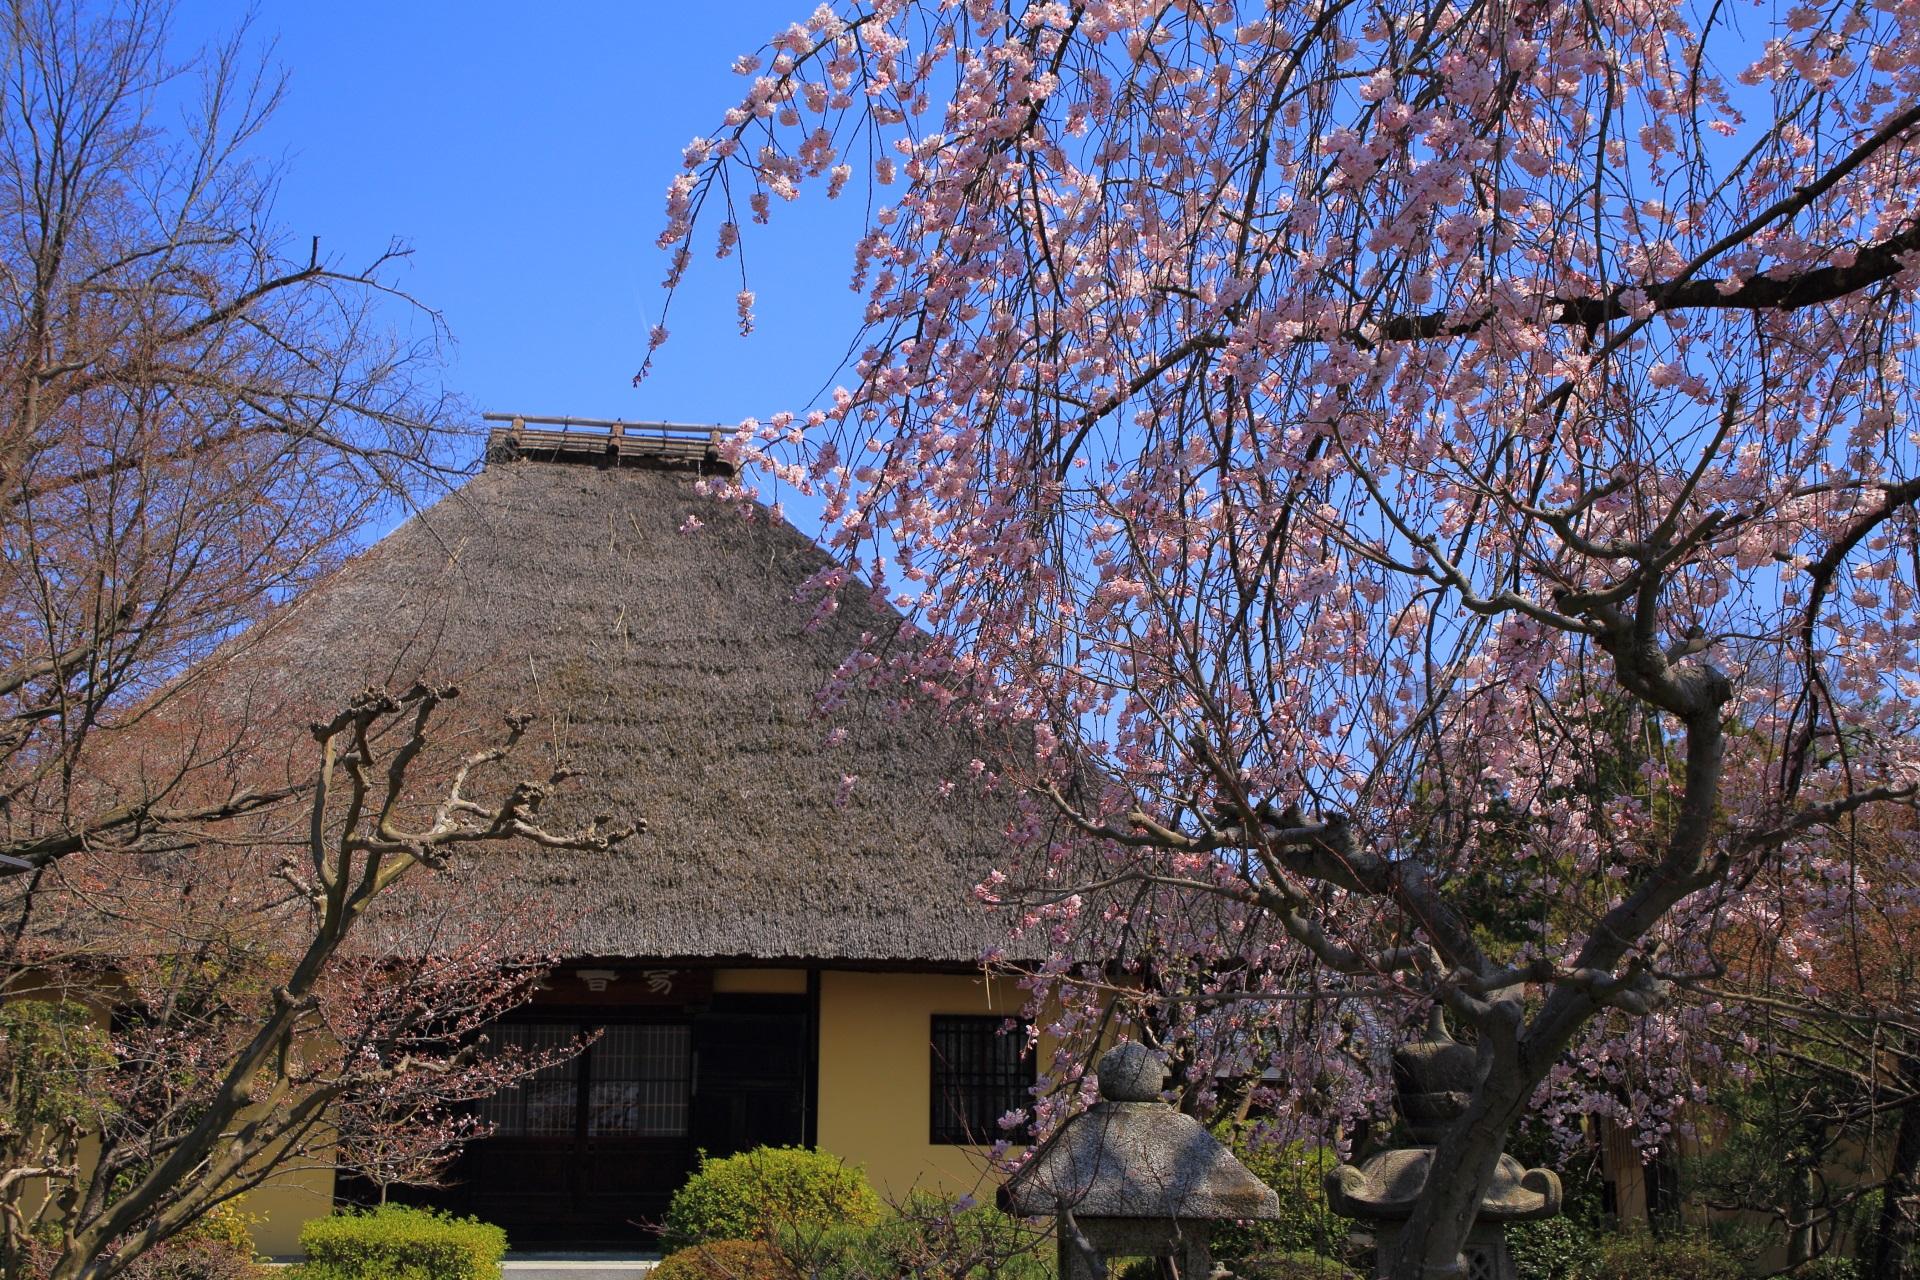 萱葺屋根が演出する独特の風情ある桜の風景